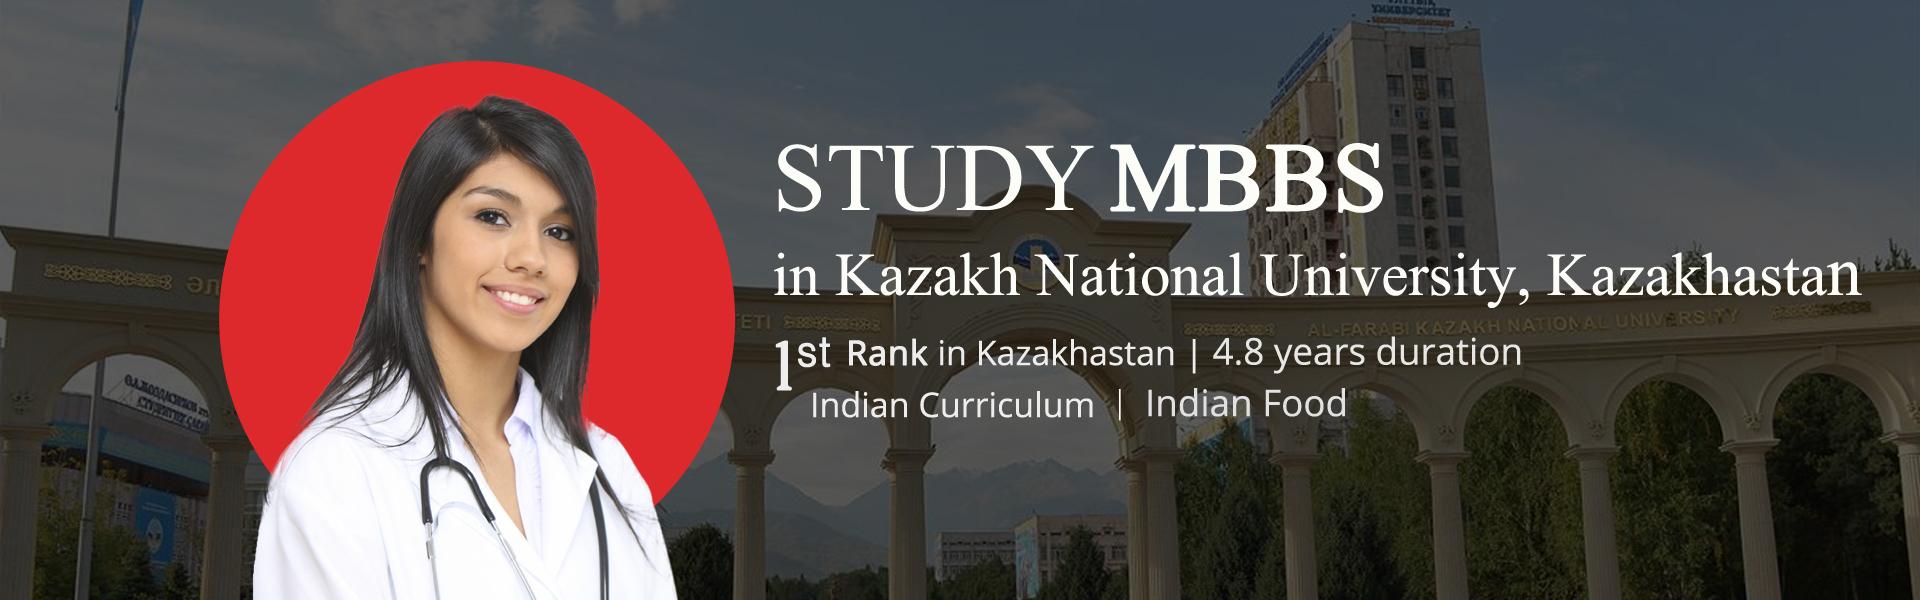 MBBS in Kazakastan